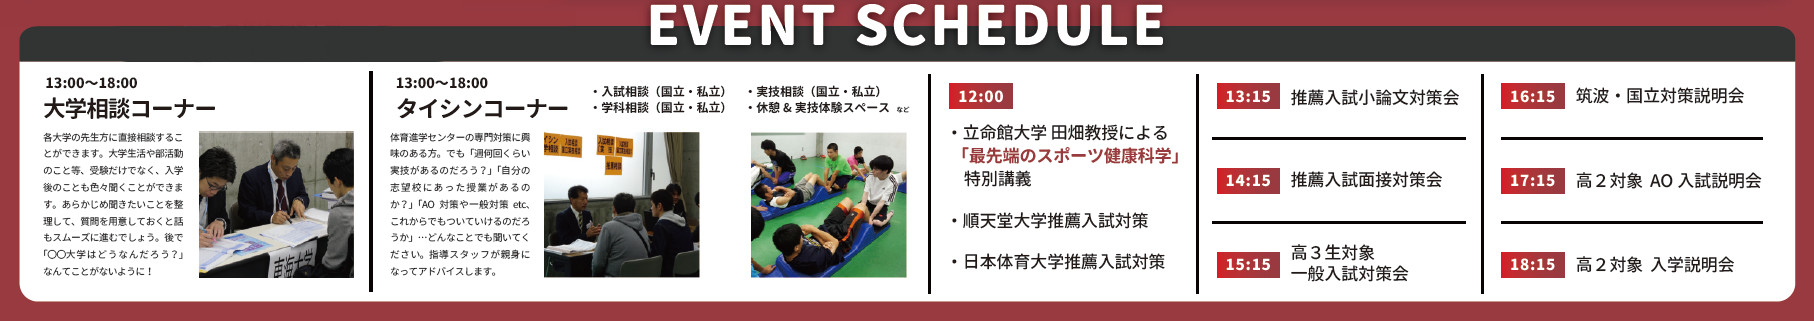 イベントスケジュール・全日程